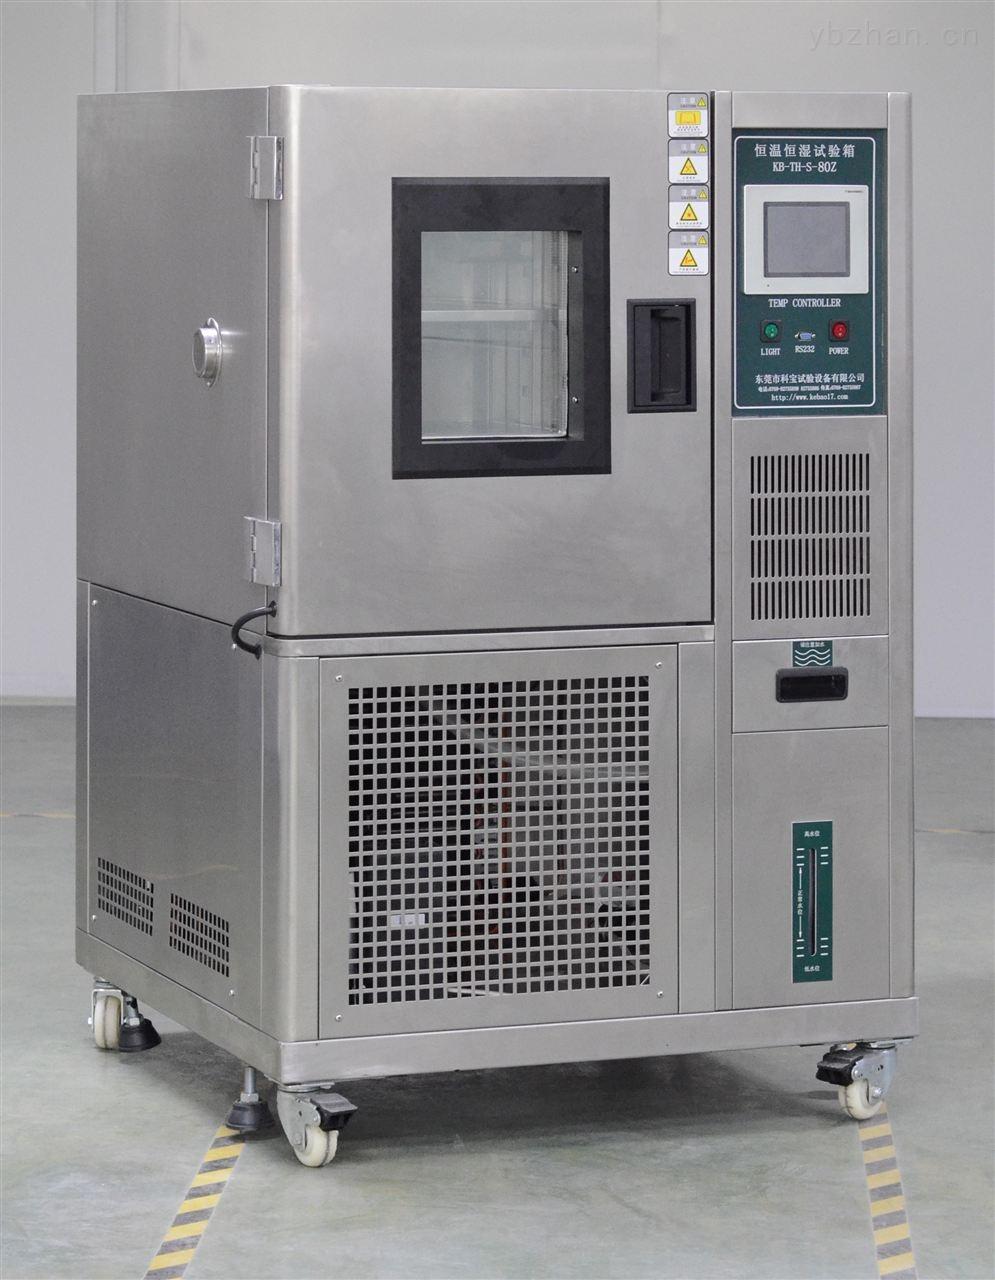 實驗室專業恒溫恒濕實驗設備